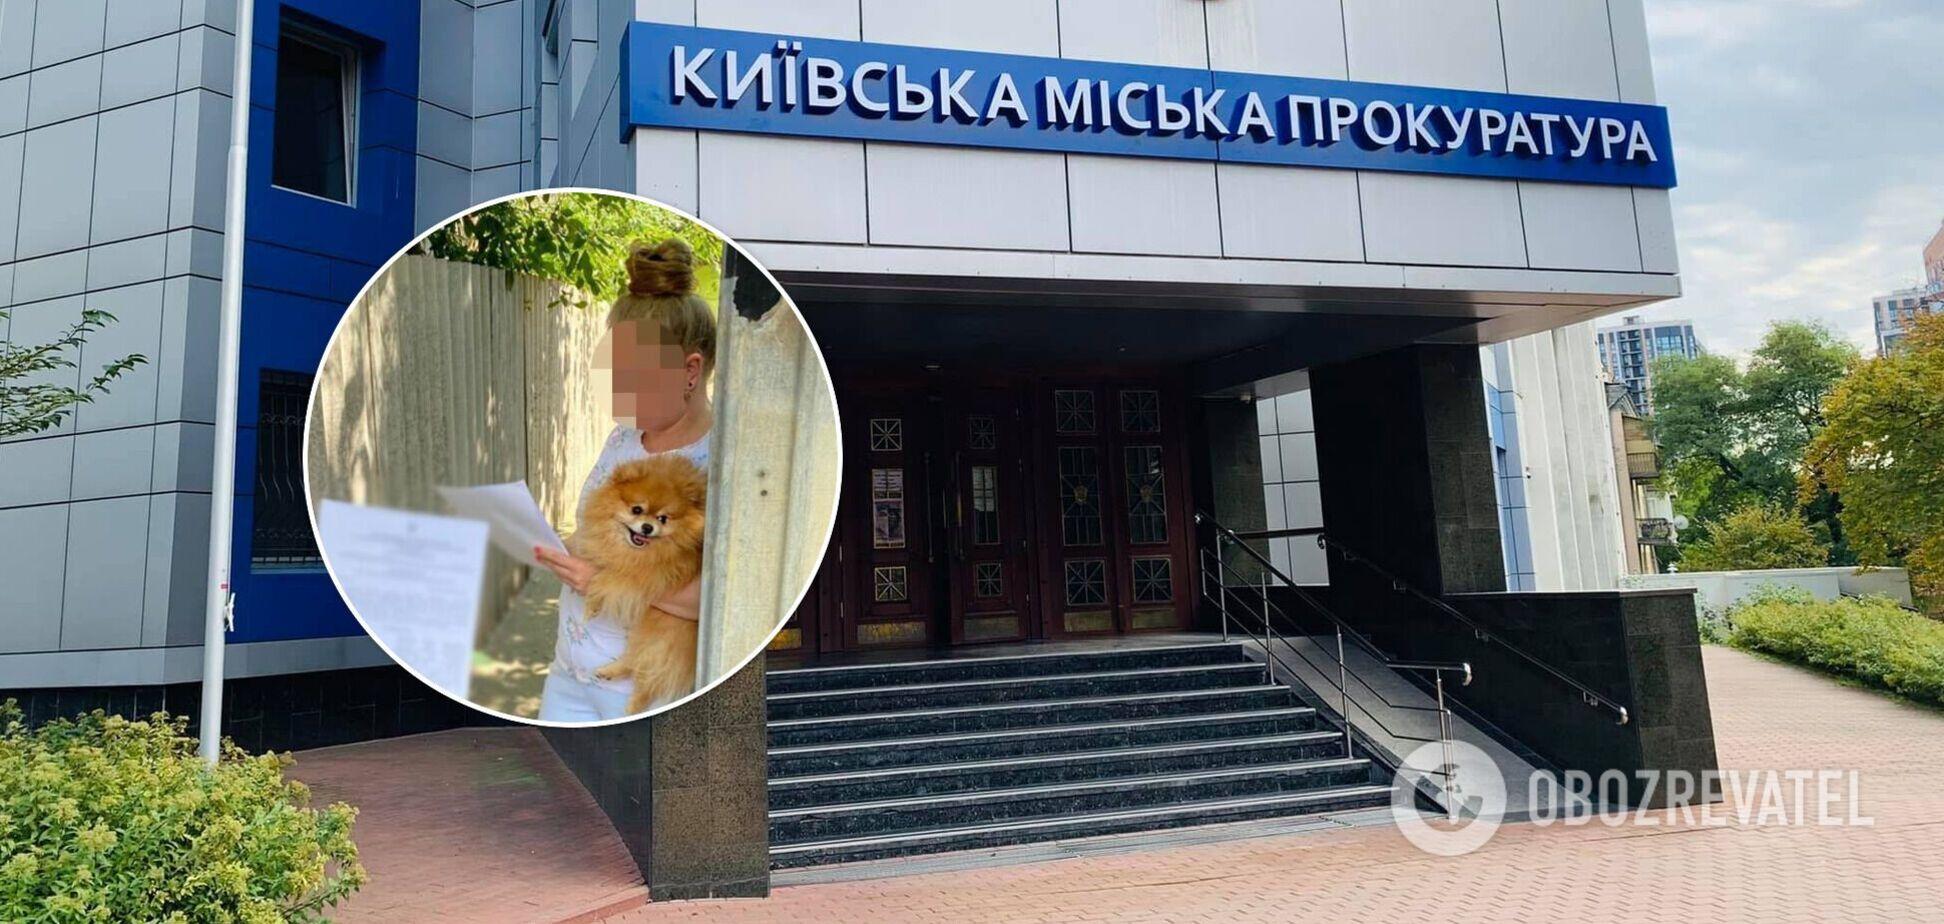 Нібито подія сталася в Дарницькому районі столиці